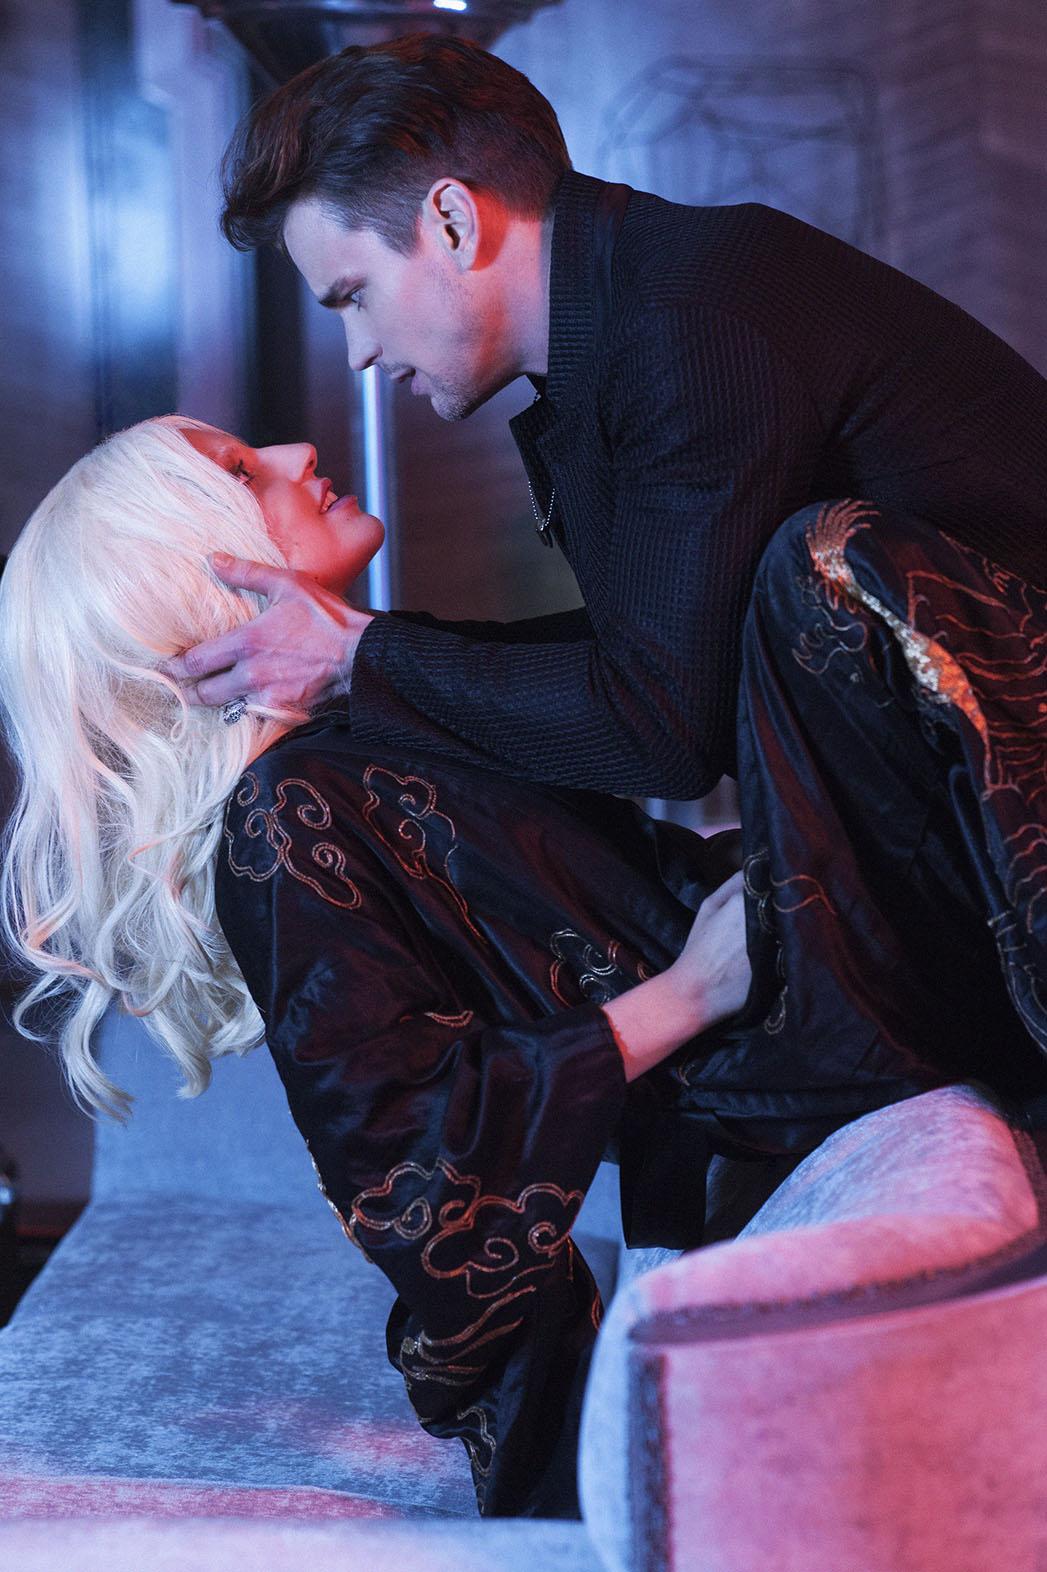 American Horror Story Hotel Lady Gaga Matt Bomer S05E02 Still - P 2015